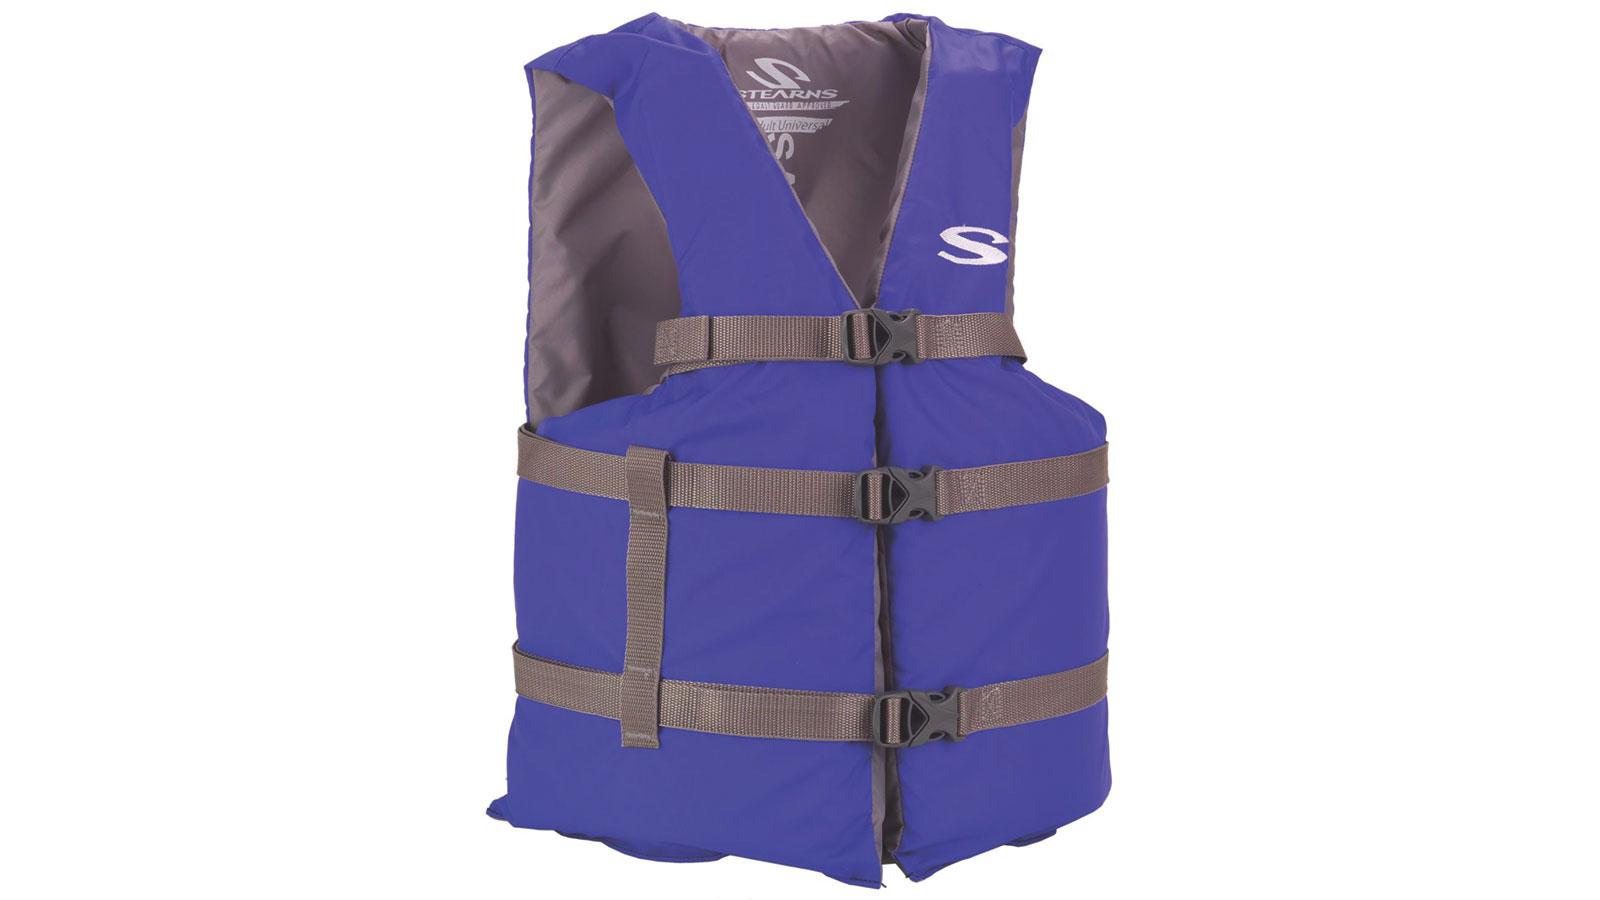 Stearns Adult Boating Universal Vest Blue